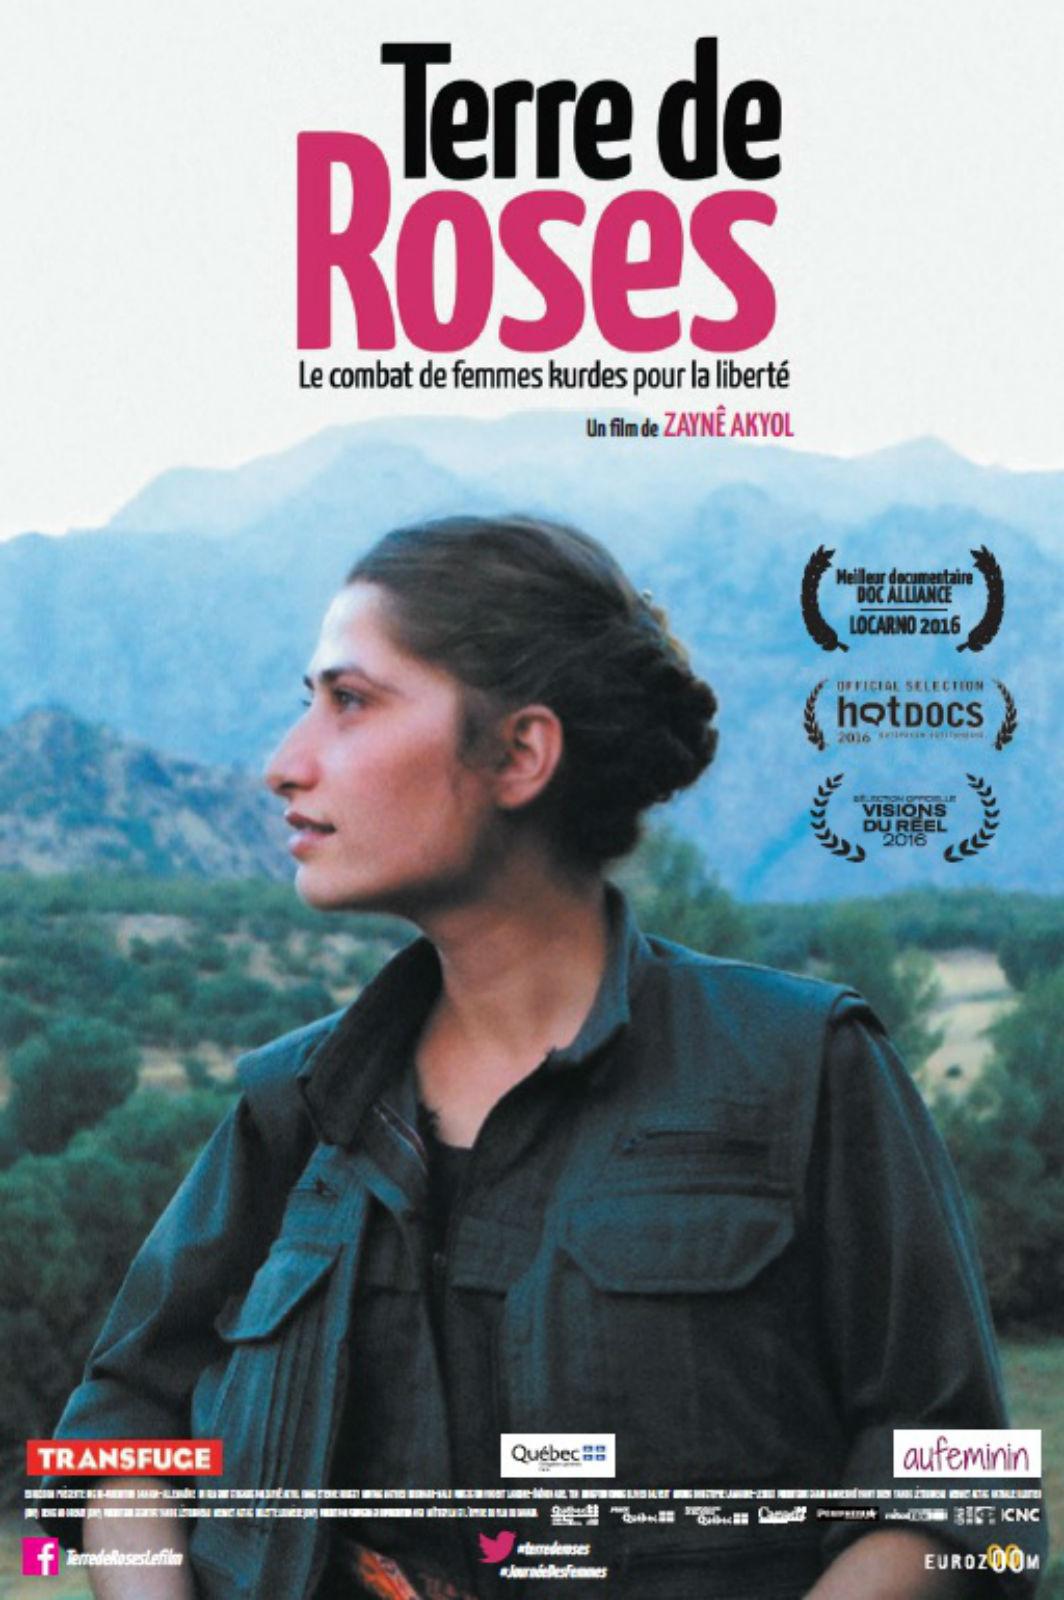 TERRES DE ROSES